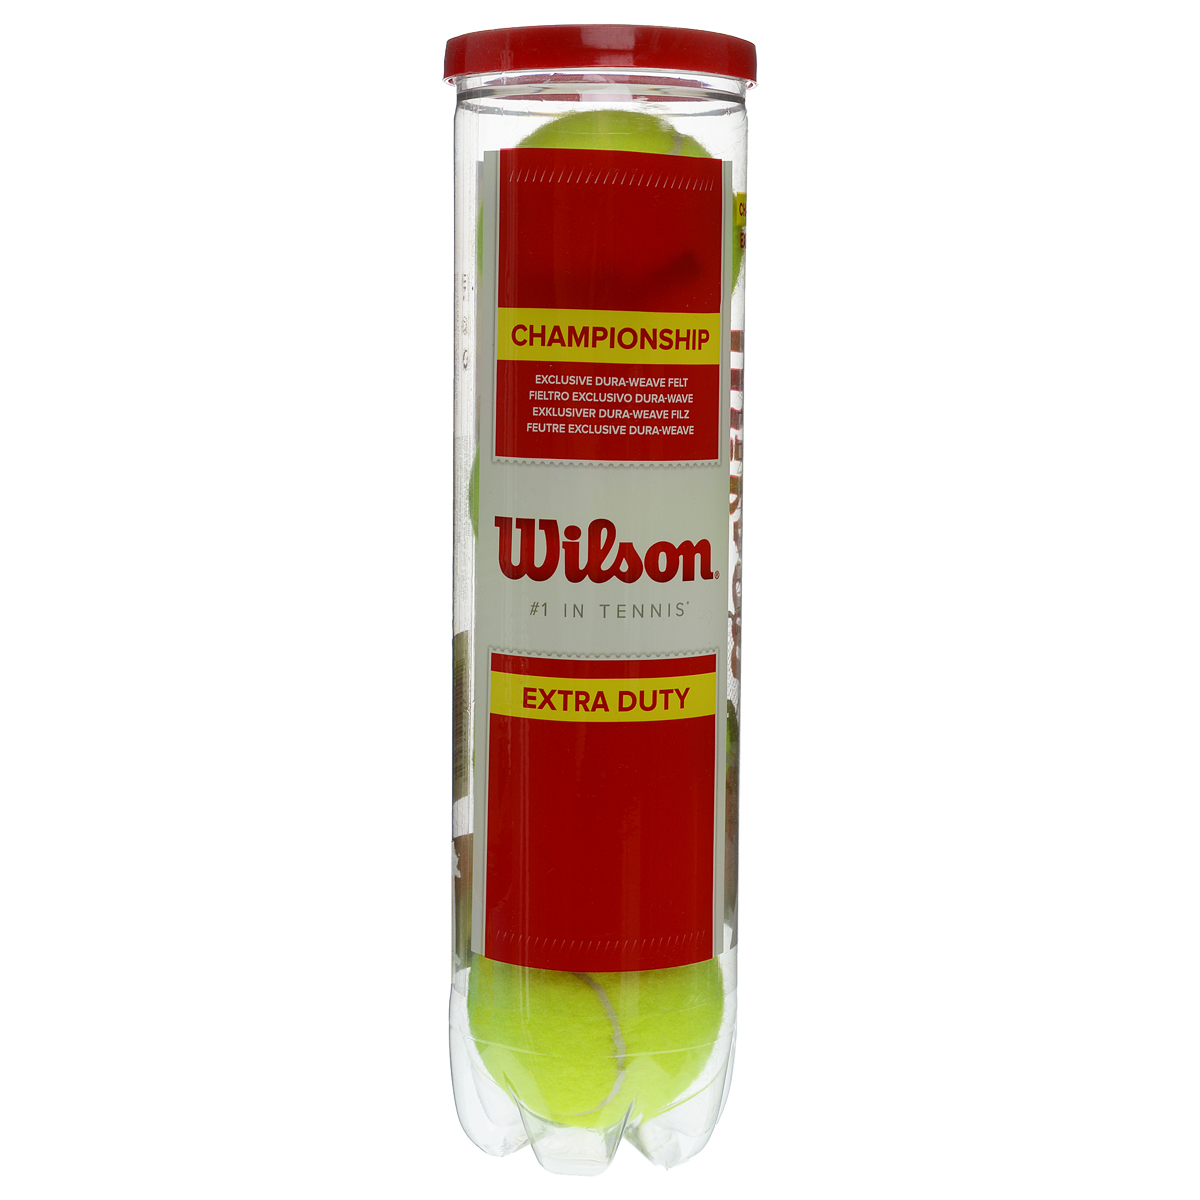 Мячи Wilson Championship Extra Duty для большого тенниса, 4 штCG3109Классический теннисный мяч для соревнований с войлочной тканью Dura-Weave Extra Duty, превосходные результаты и прочность при игре на твердых покрытиях.